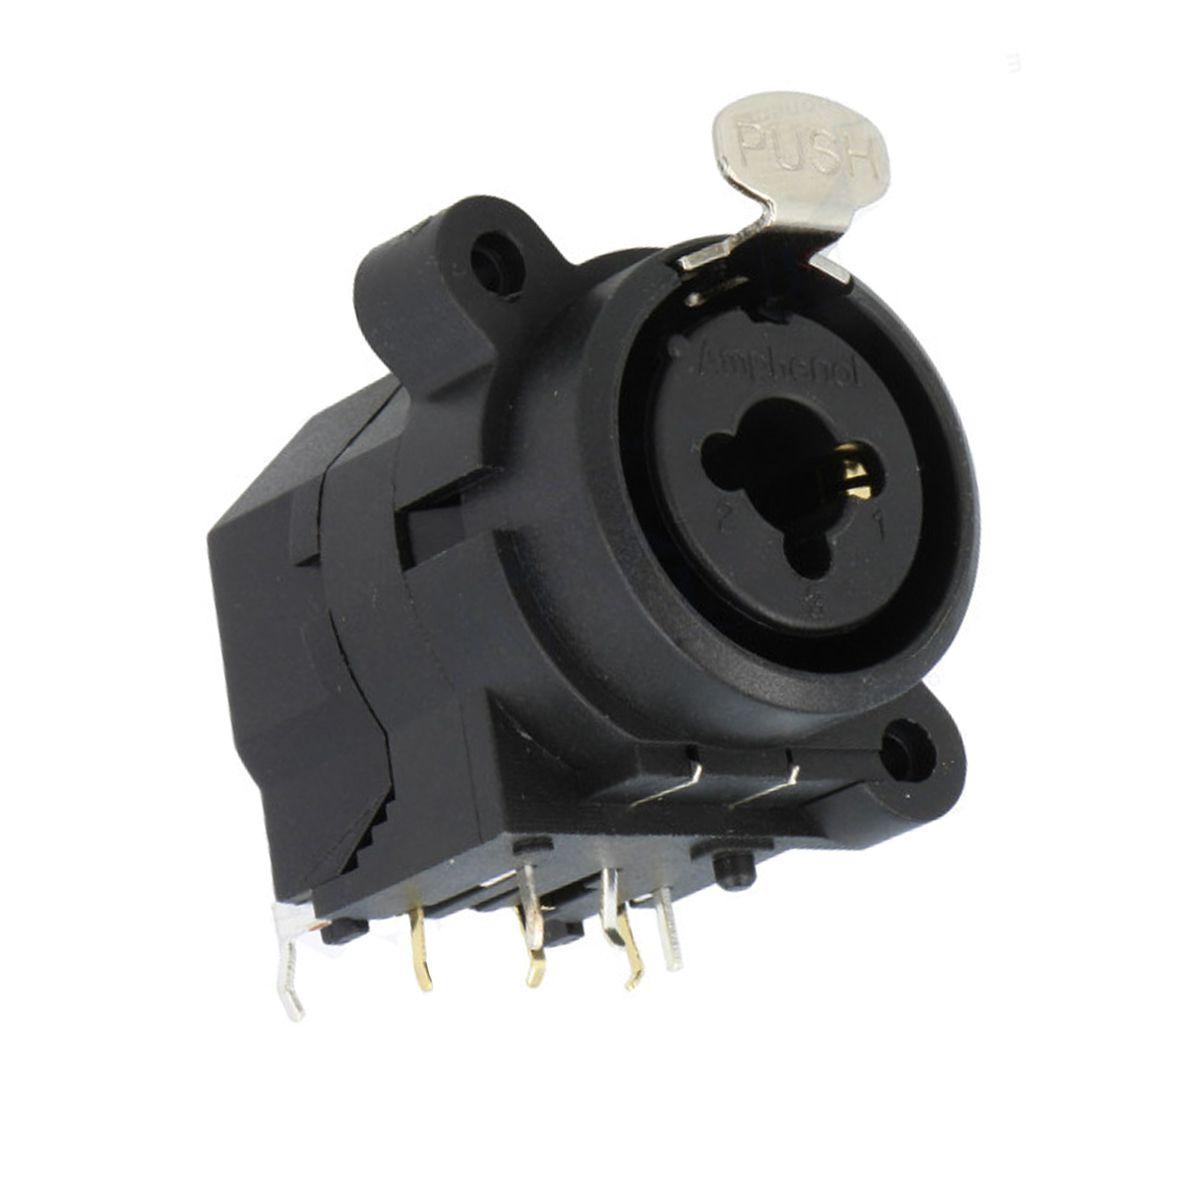 Conector combo com contatos horizontal, P10 Fêmea estéreo + XLR Fêmea de painel 3 pinos | Amphenol | ACJC6H